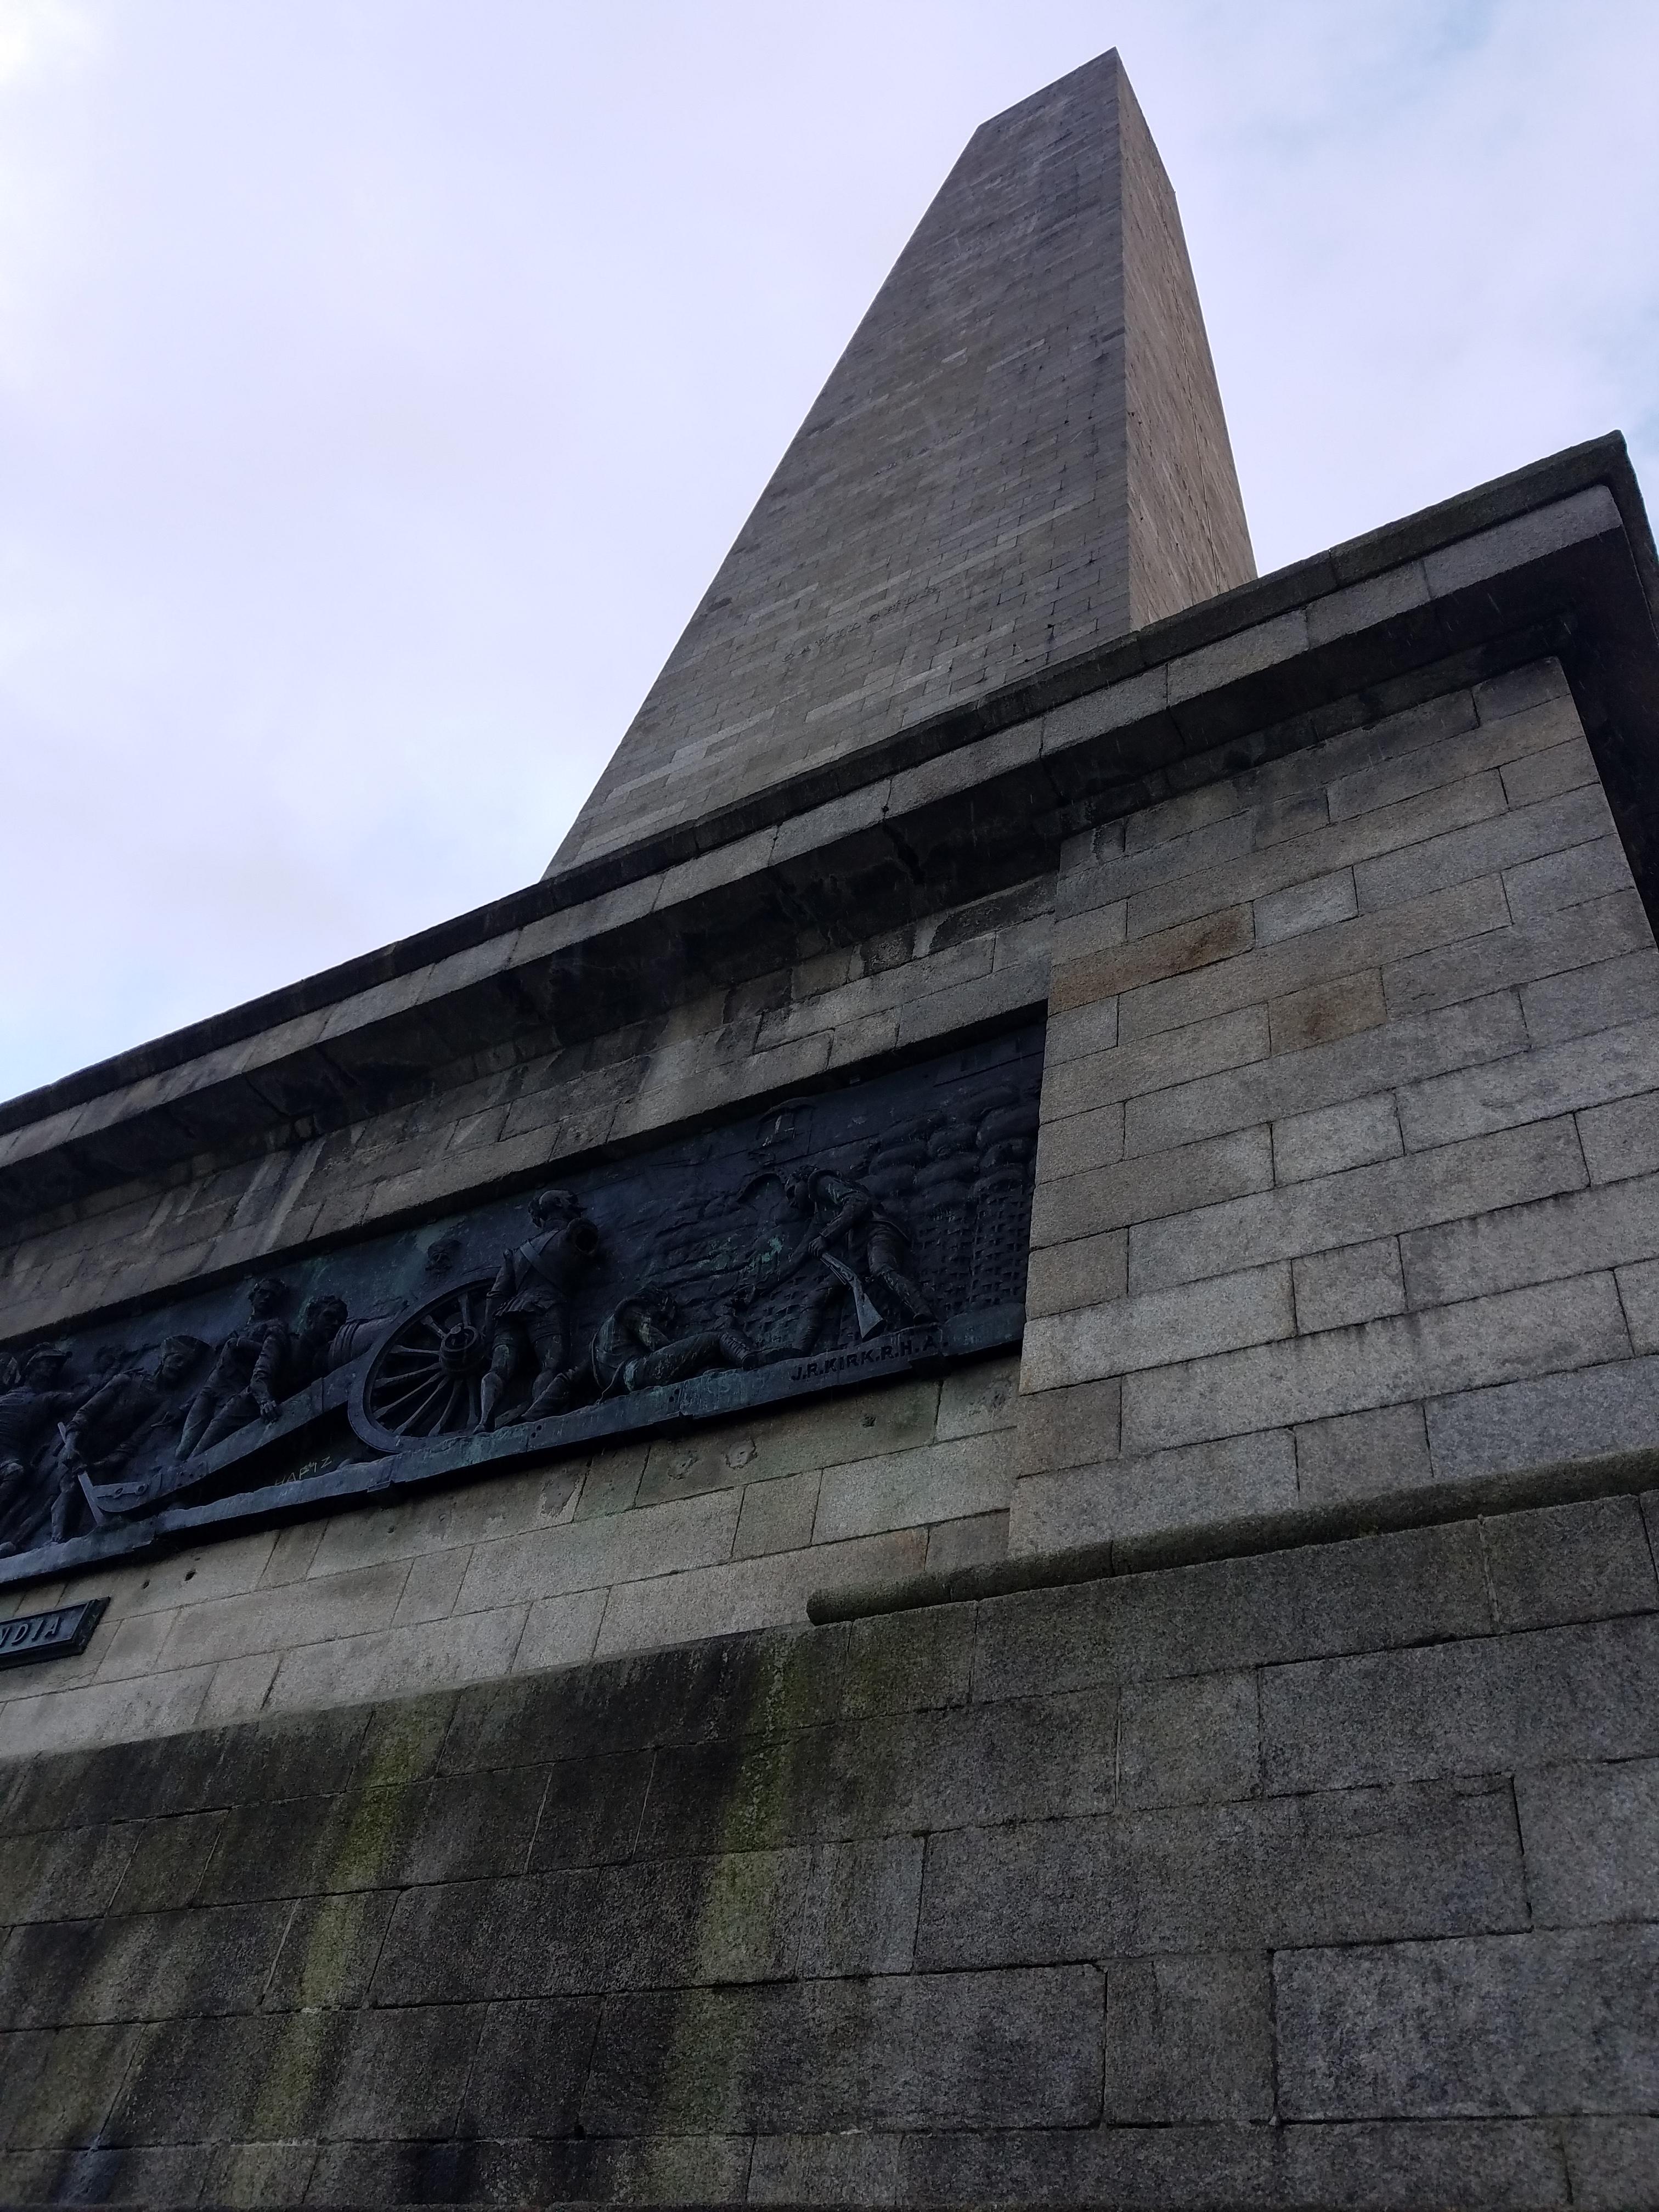 wellington monument phoenix park dublin